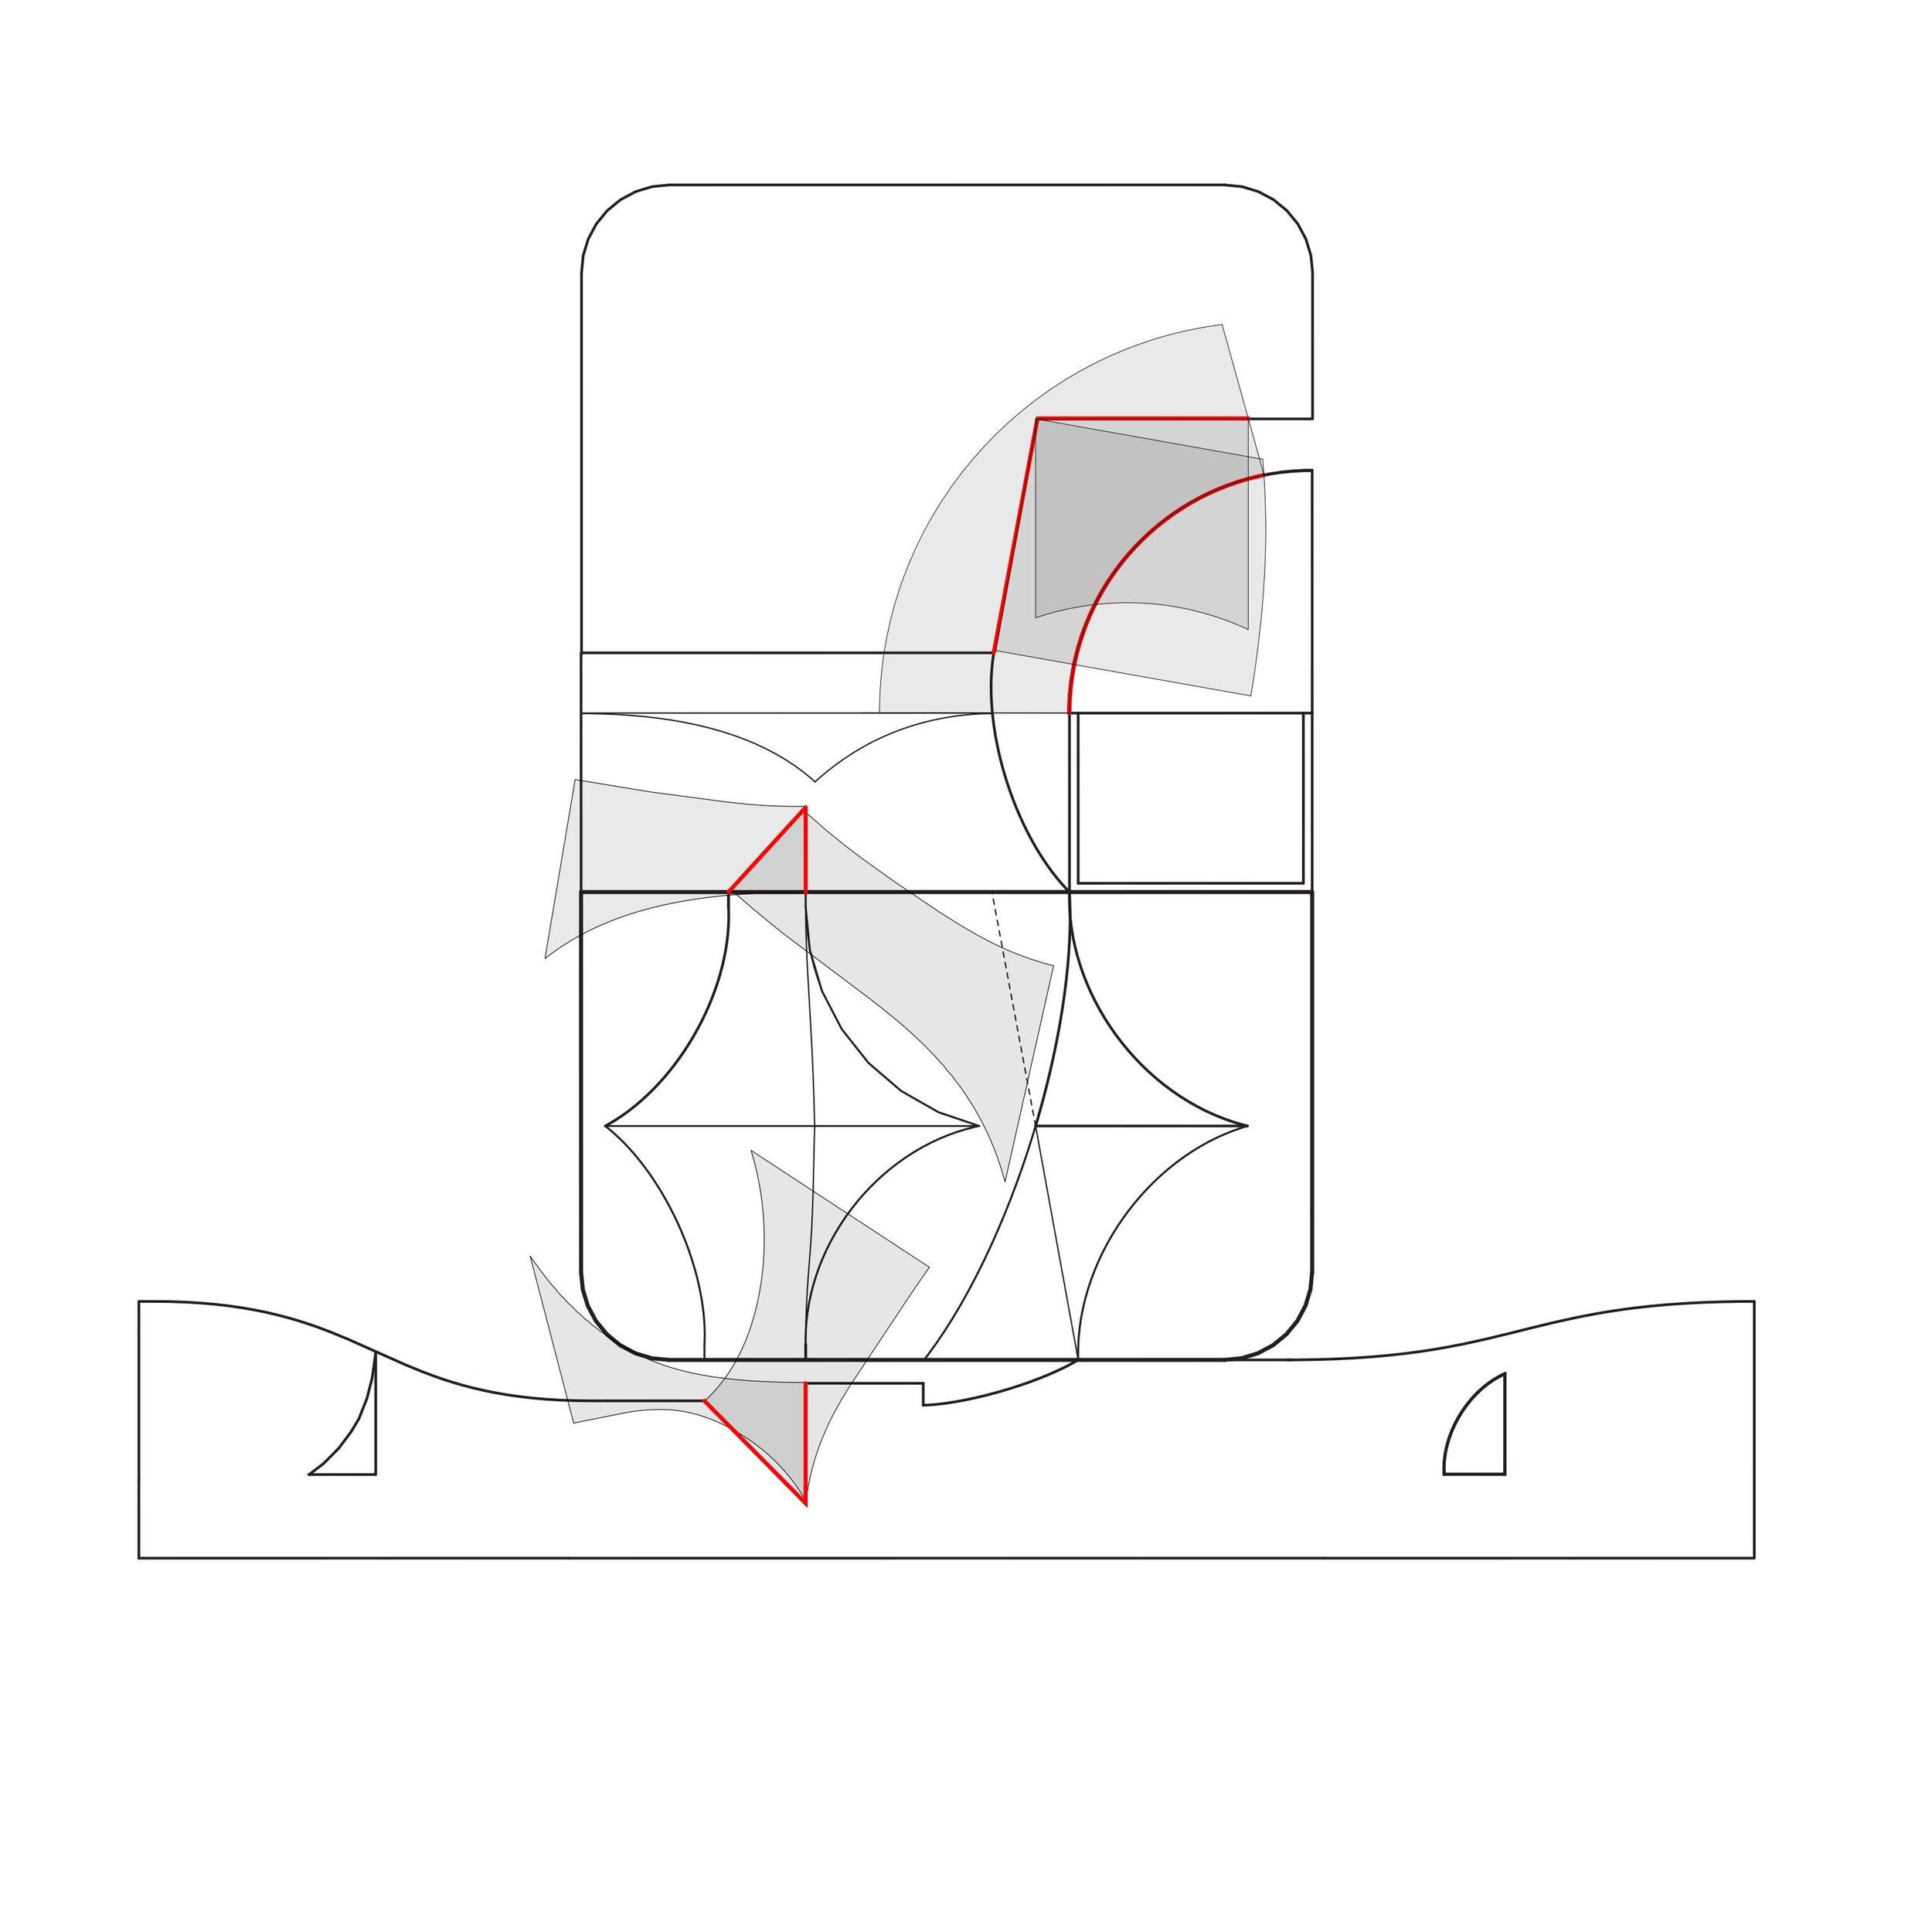 Spa Diagram 2.jpg